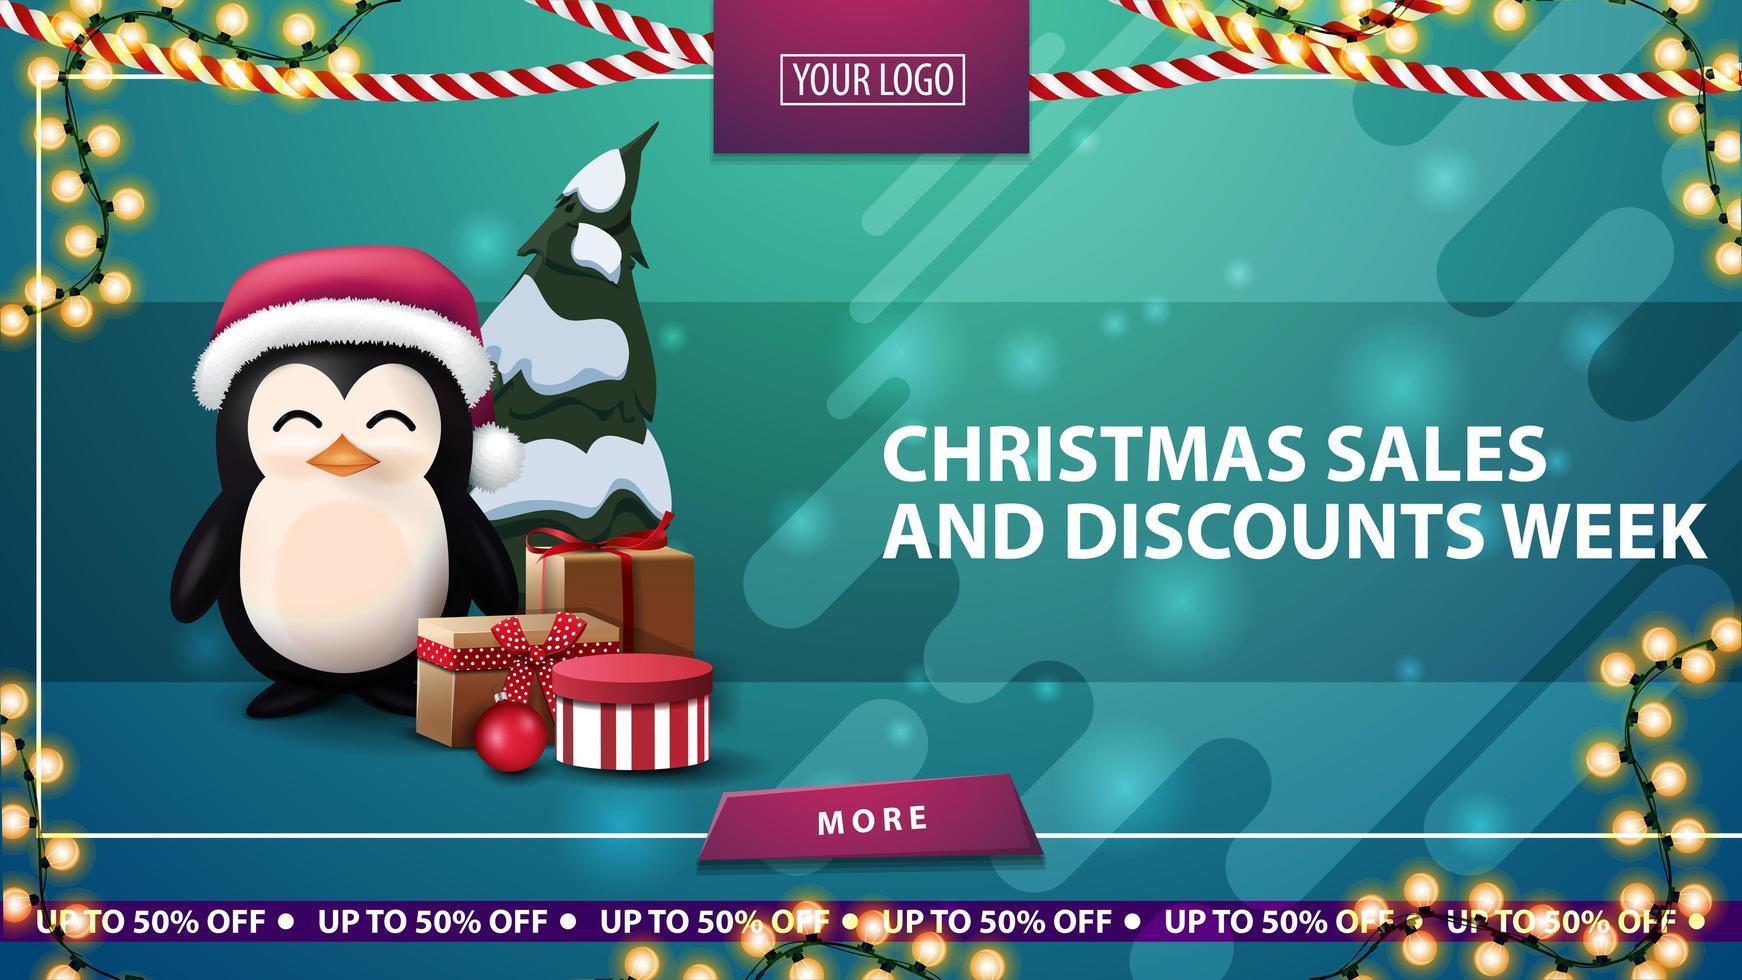 Weihnachtsverkäufe und Rabattwoche, grünes horizontales Rabattbanner mit Knopf, Rahmengirlande und Pinguin im Weihnachtsmannhut mit Geschenken vektor